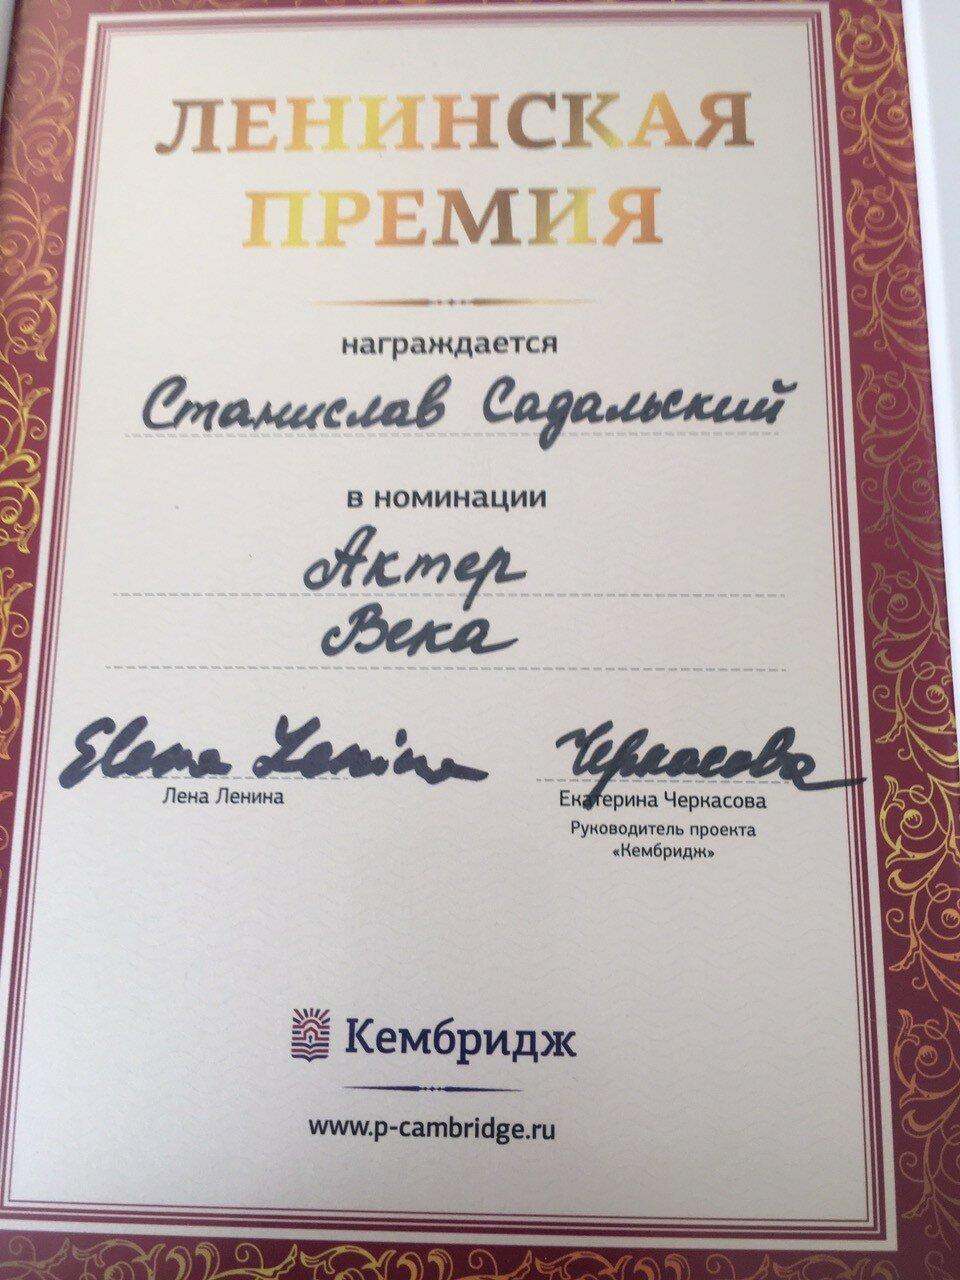 Новоселье Лены Лениной